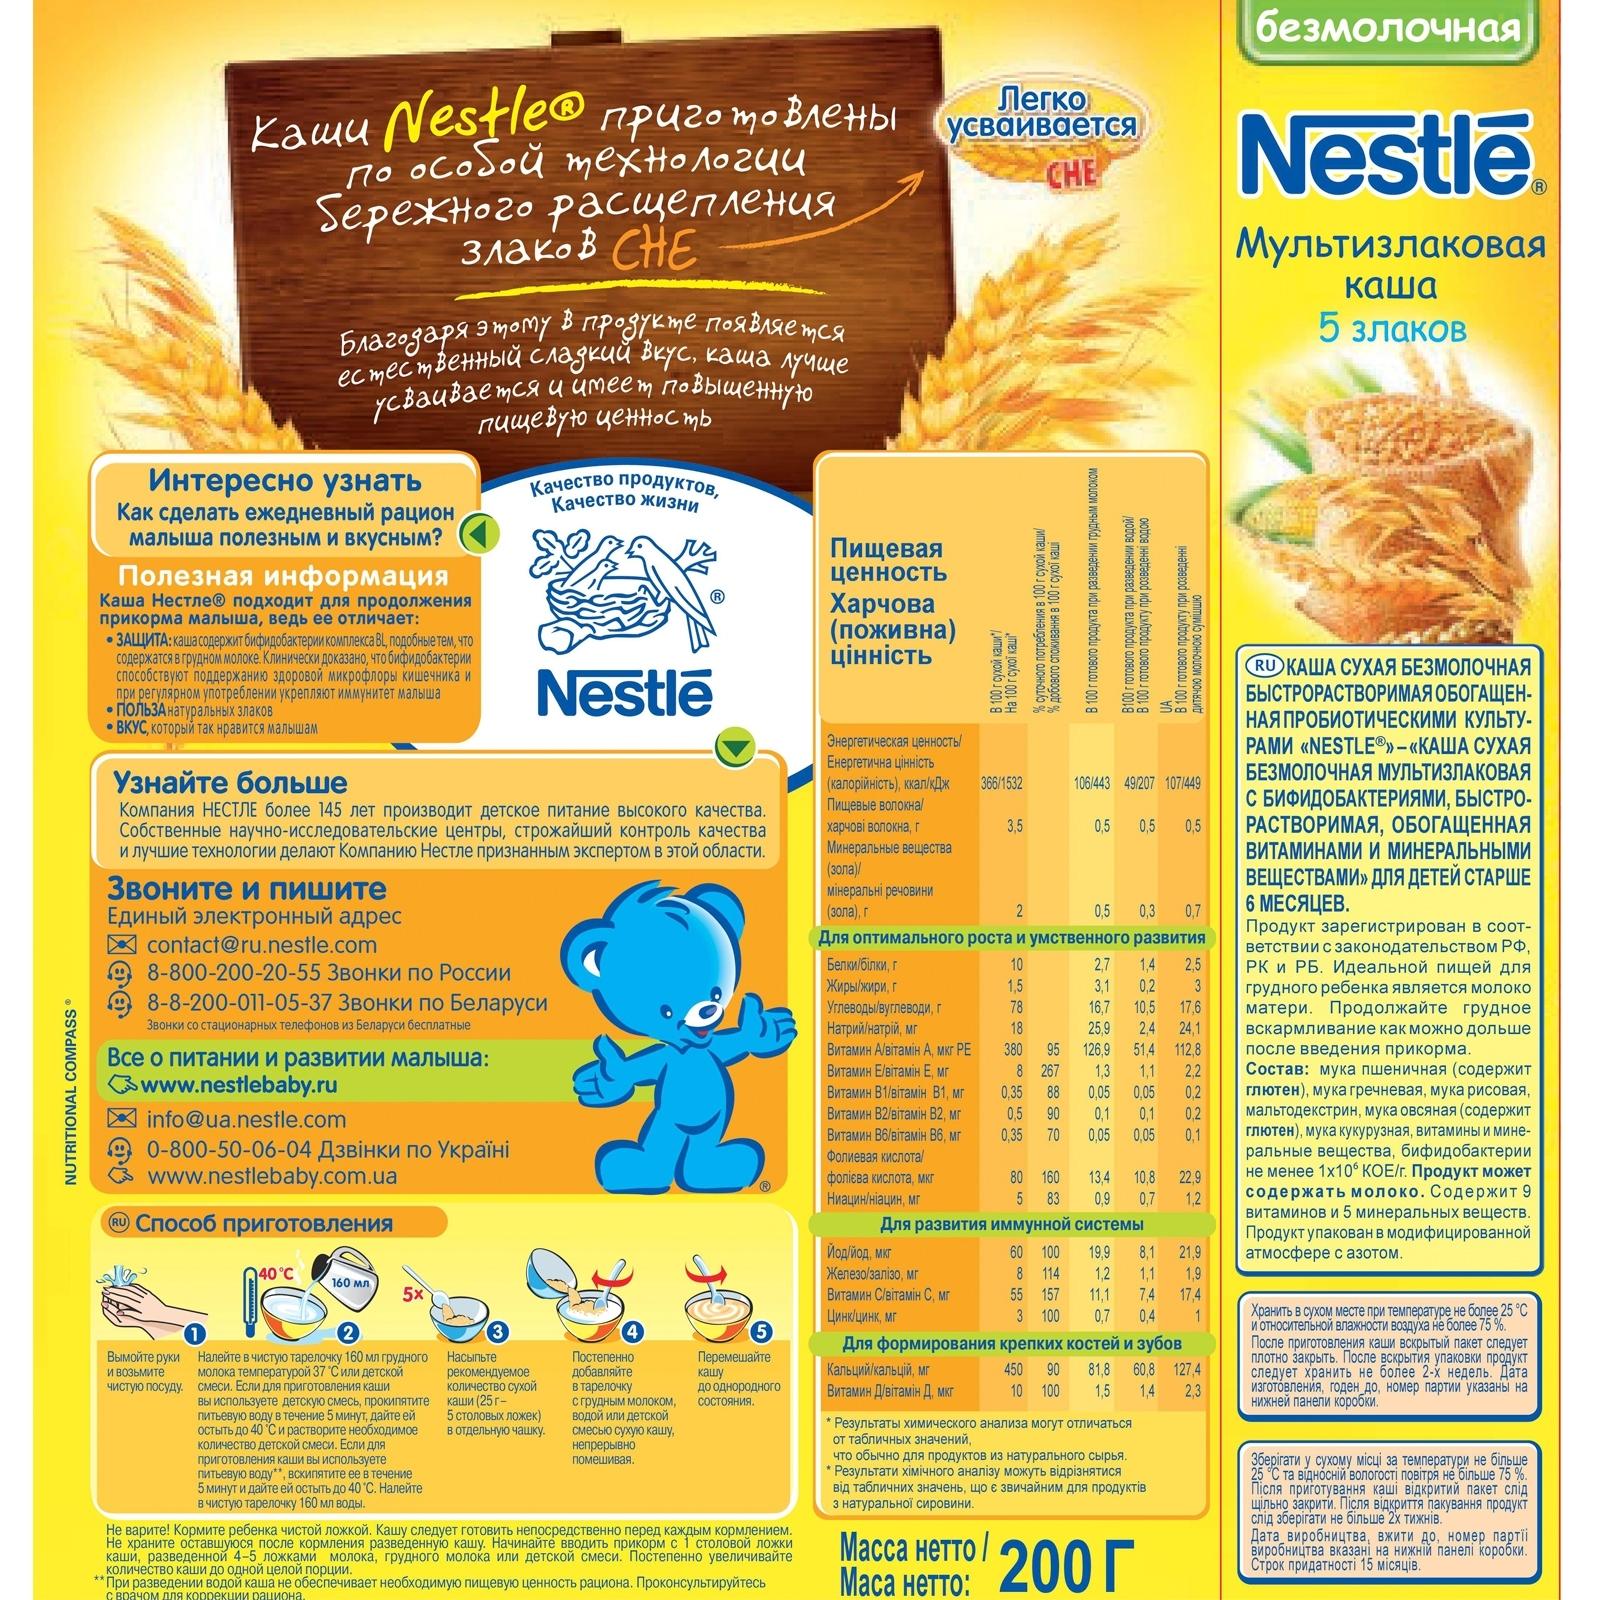 ���� Nestle ����������� 200 �� �������������� 5 ������ (� 6 ���)